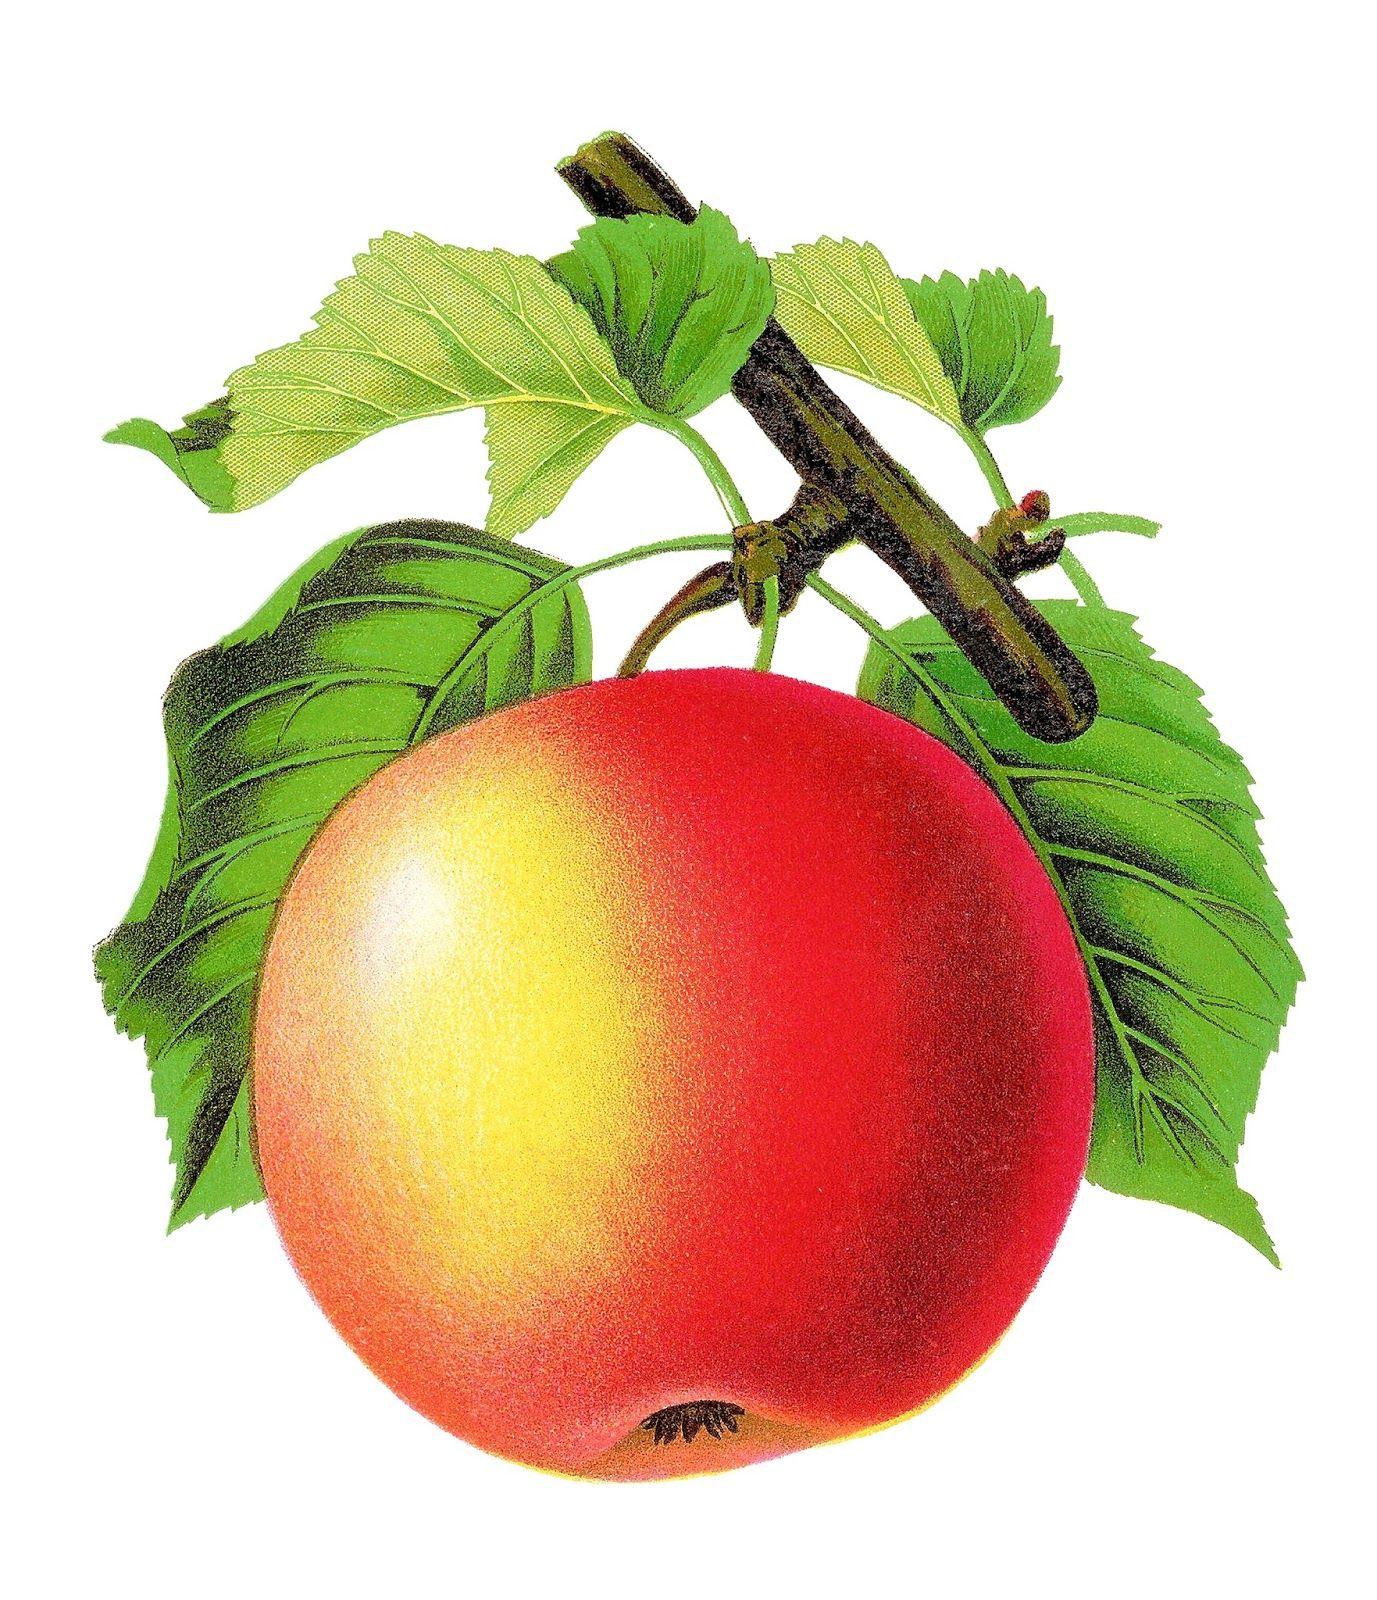 Apple Fruit Image Apple Longfield Jpg Jpg Jpeg Kuva 1377 1600 Kuvapistetta Pienennetty 41 Alkuperaisesta Pinterest